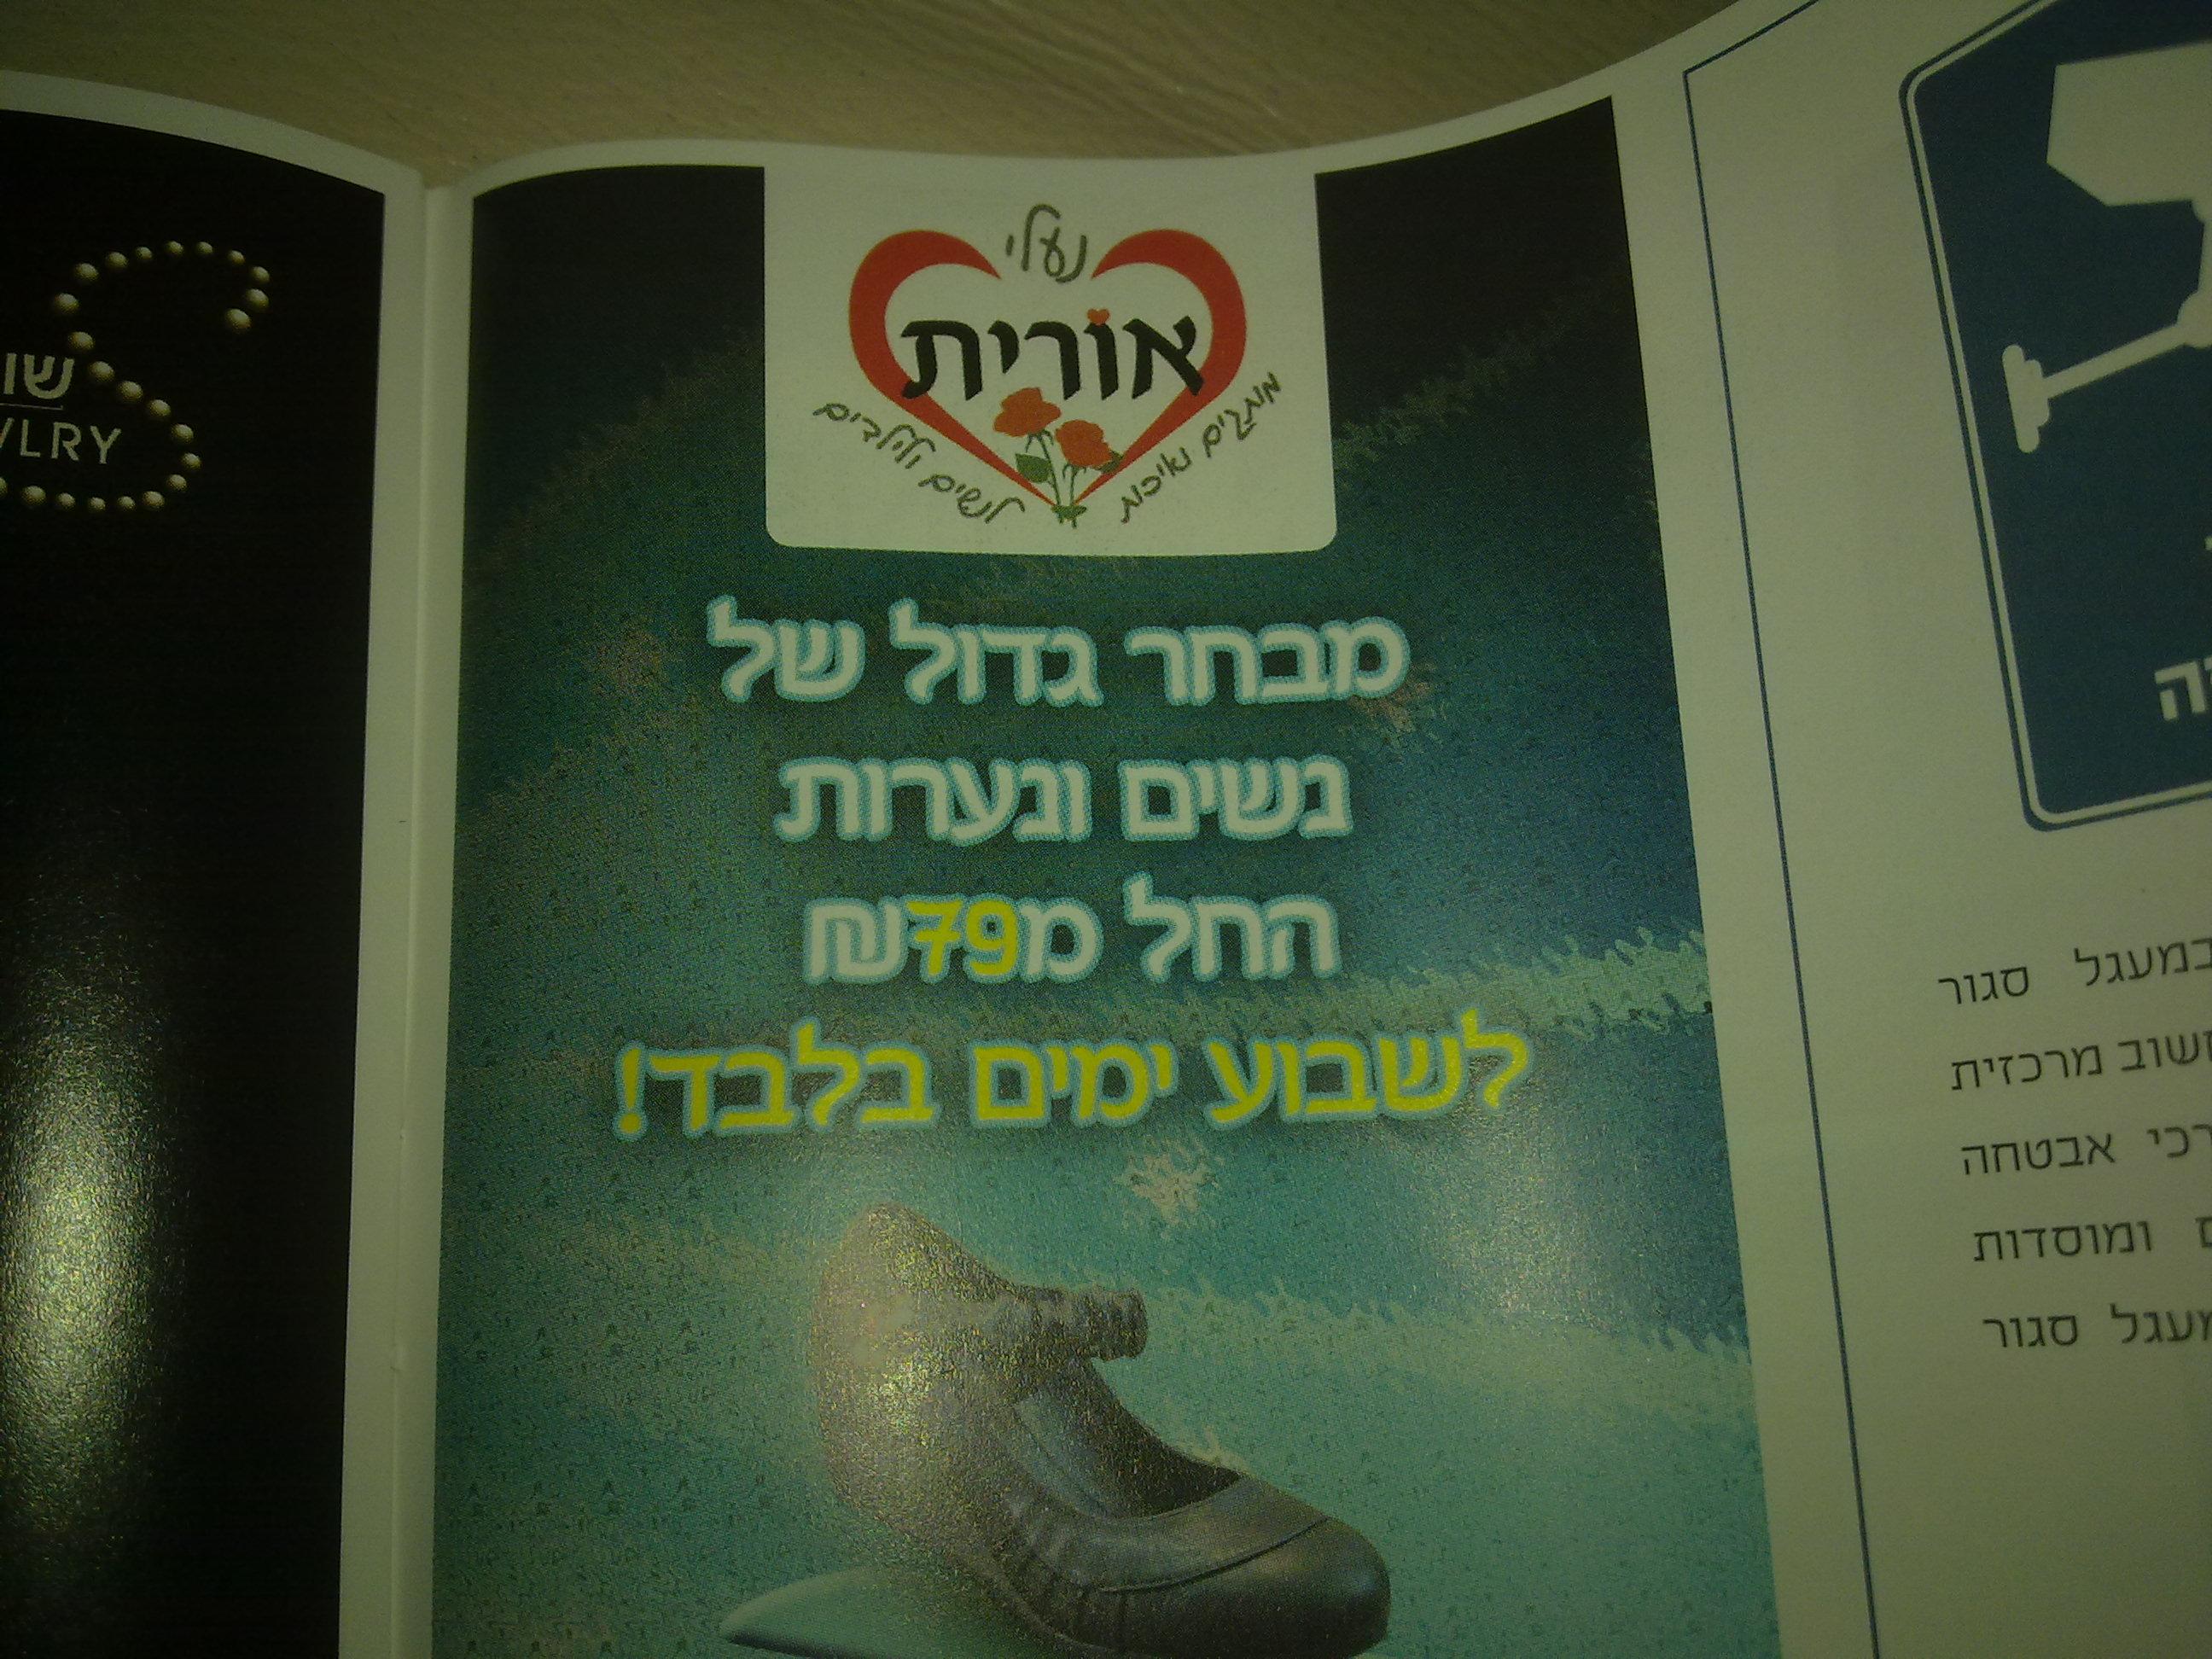 נעלי אורית - מבחר גדול של נשים ונערות החל מ-79 שקל